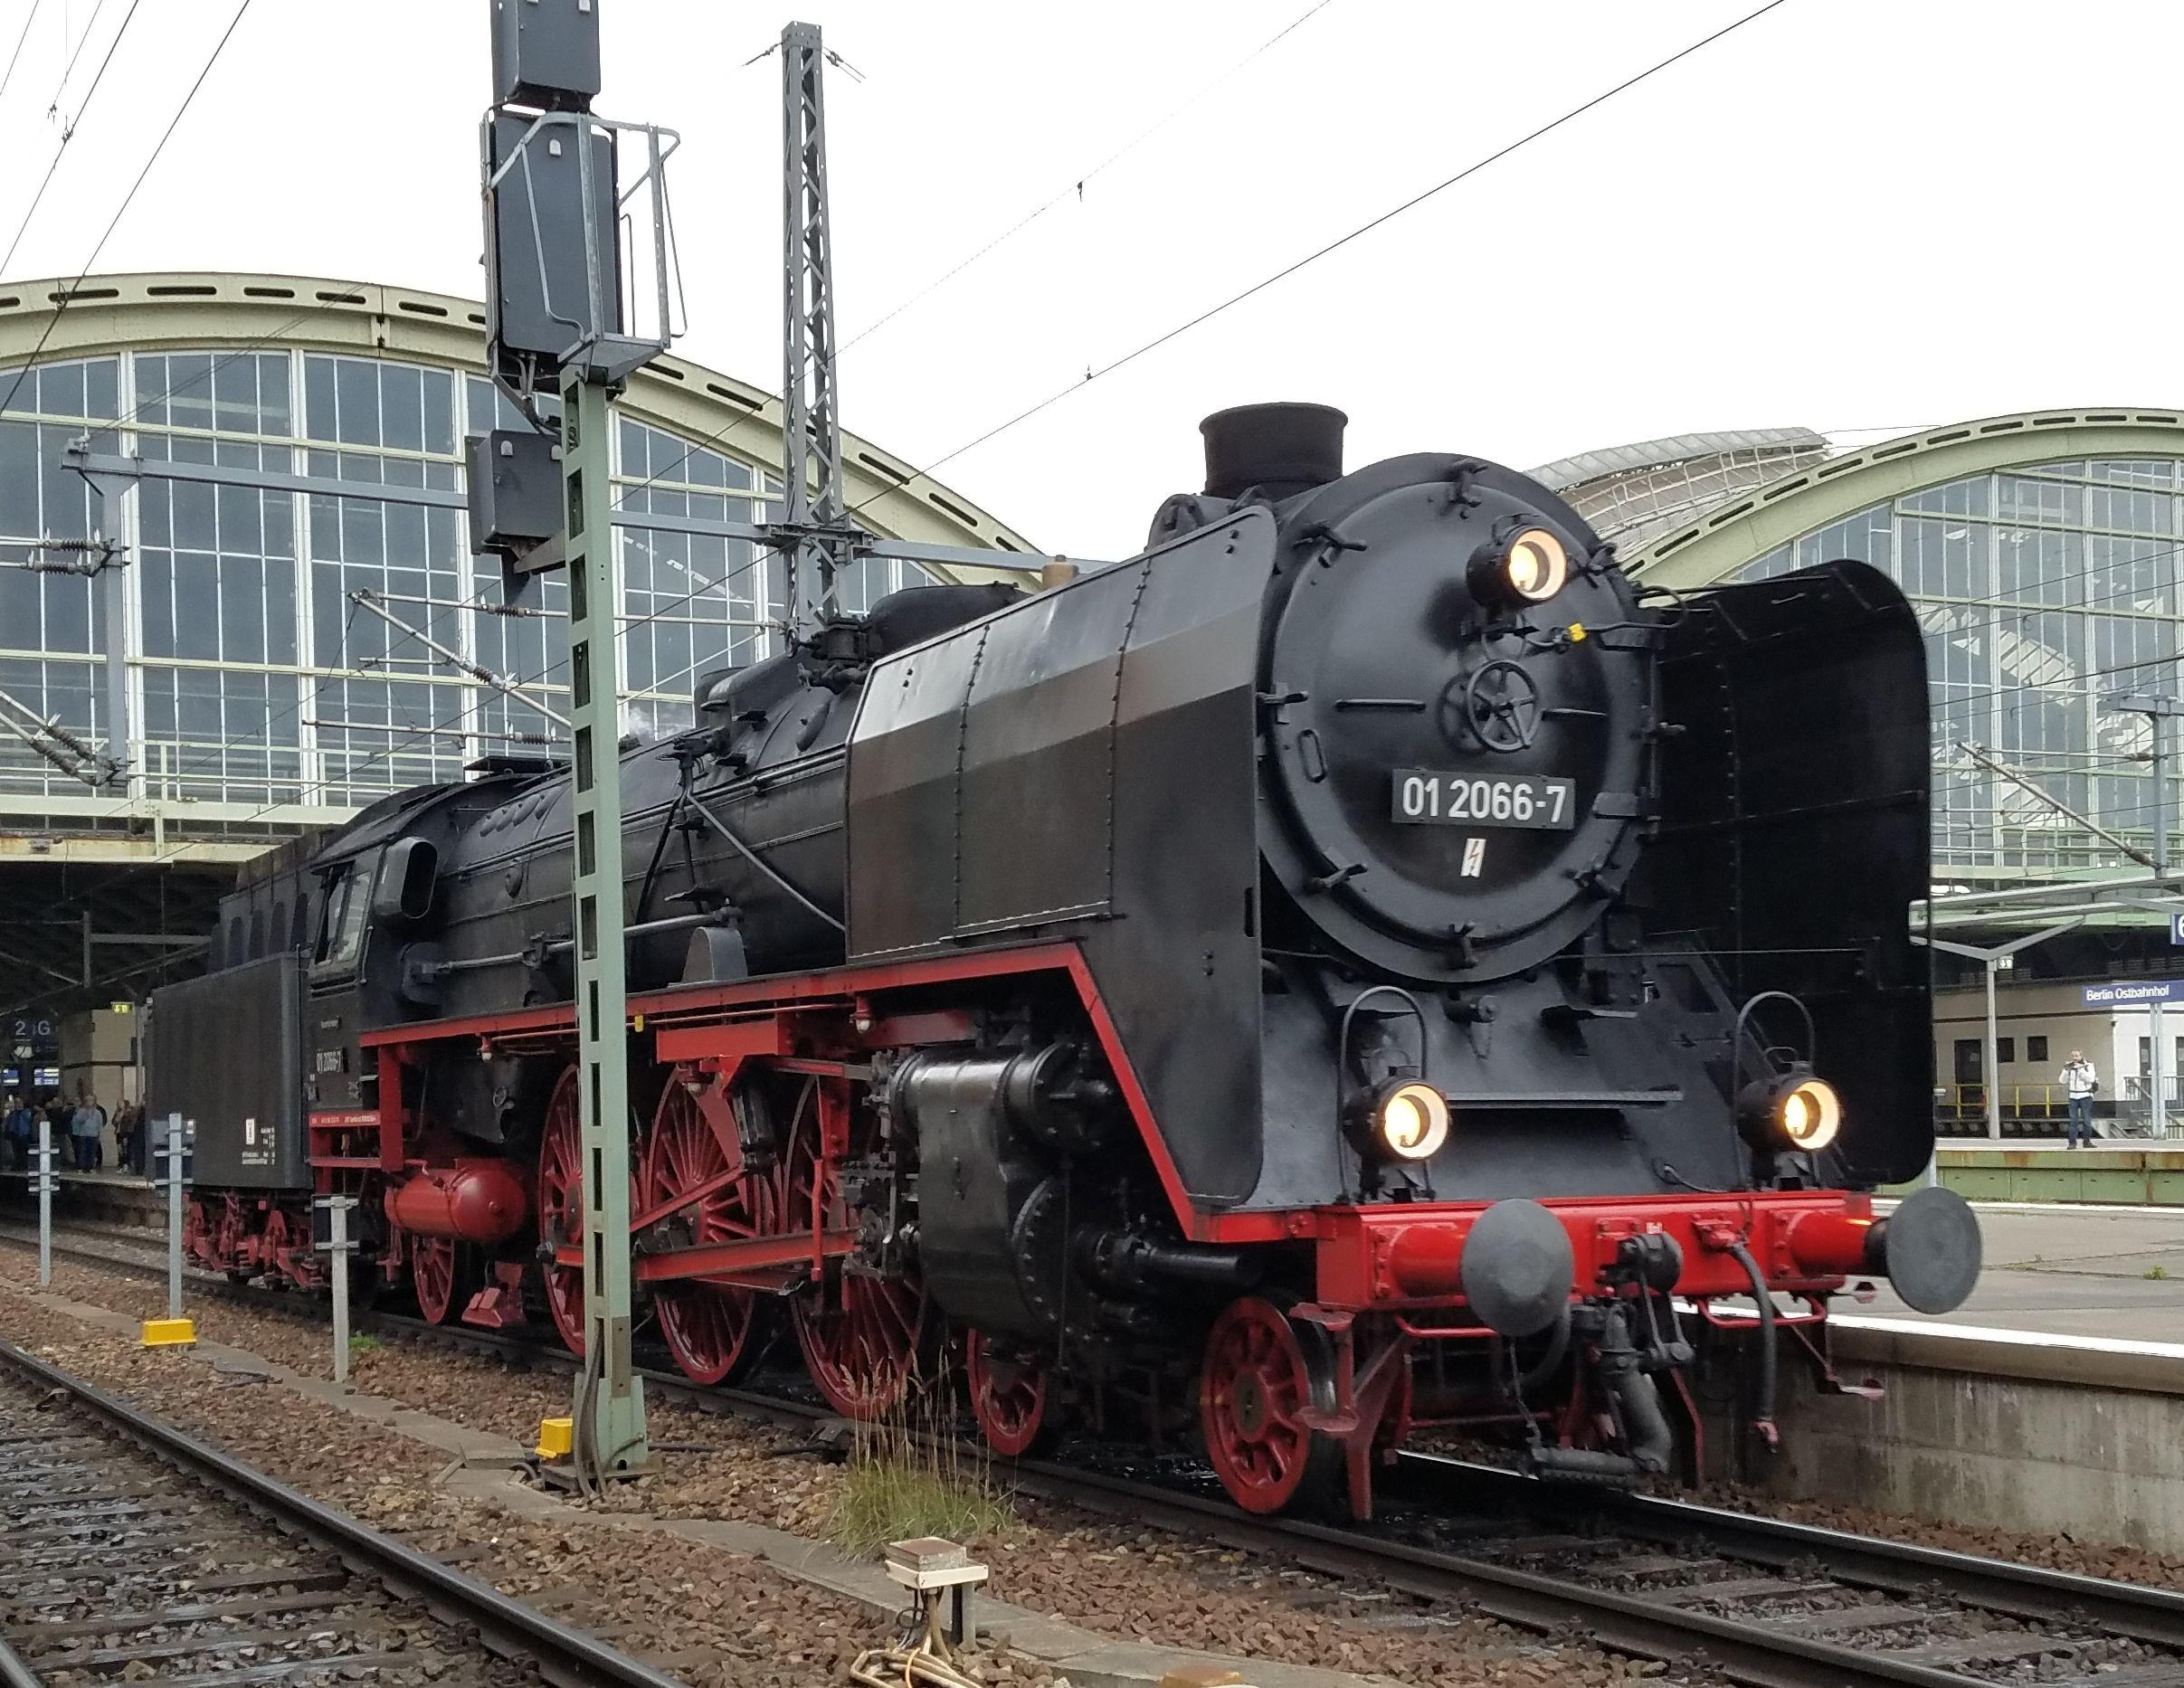 Dampflok 01 2066 Berlin Ostbahnhof 2017